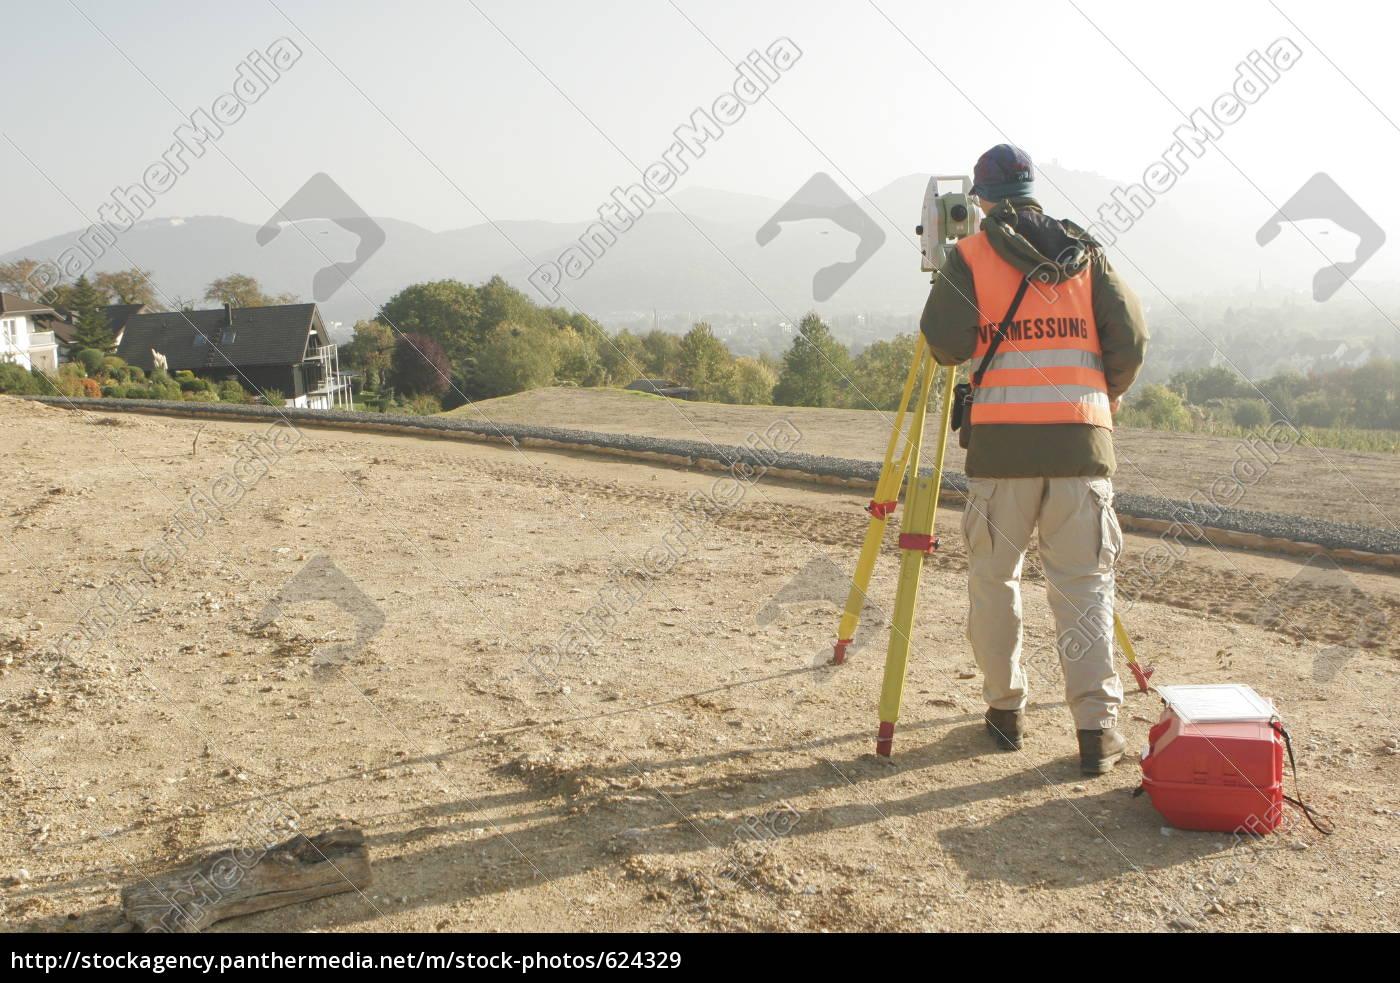 surveyor, at, work - 624329